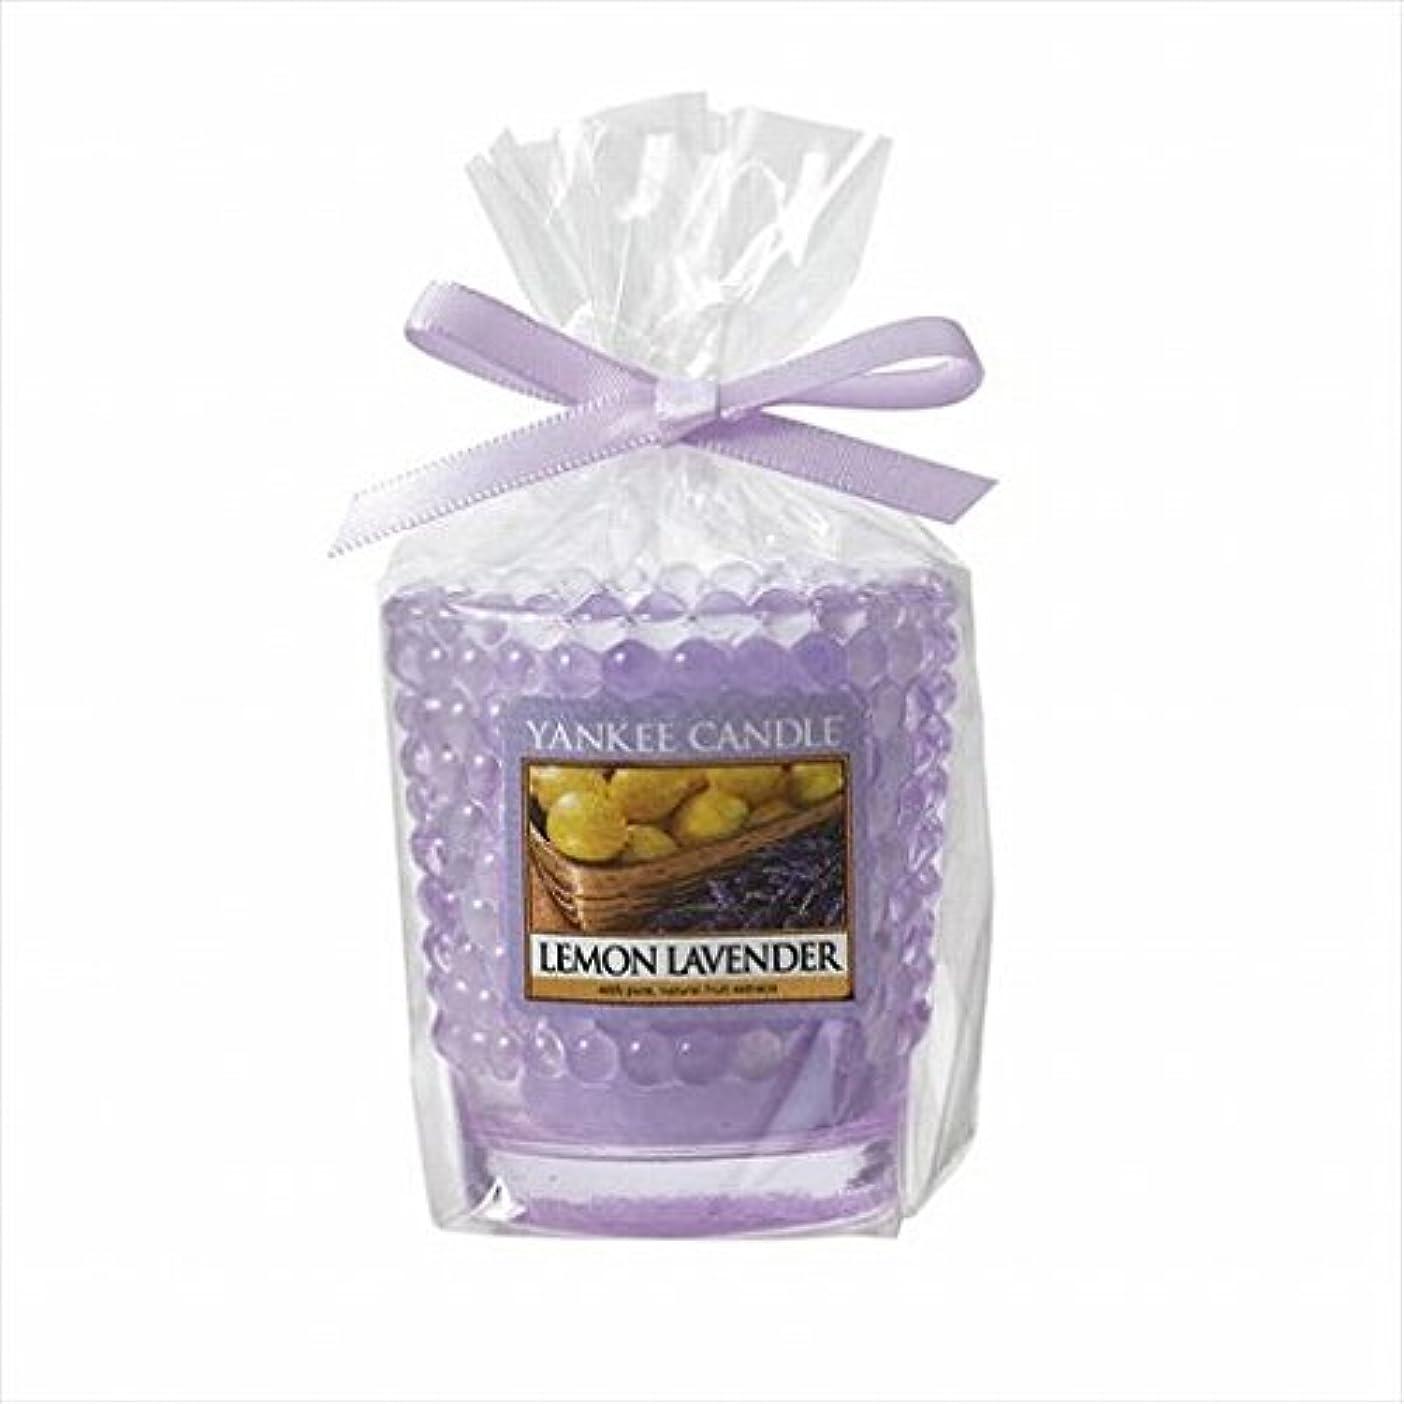 離れてバーガー空白カメヤマキャンドル(kameyama candle) YANKEE CANDLE サンプラーギフト 「 レモンラベンダー 」